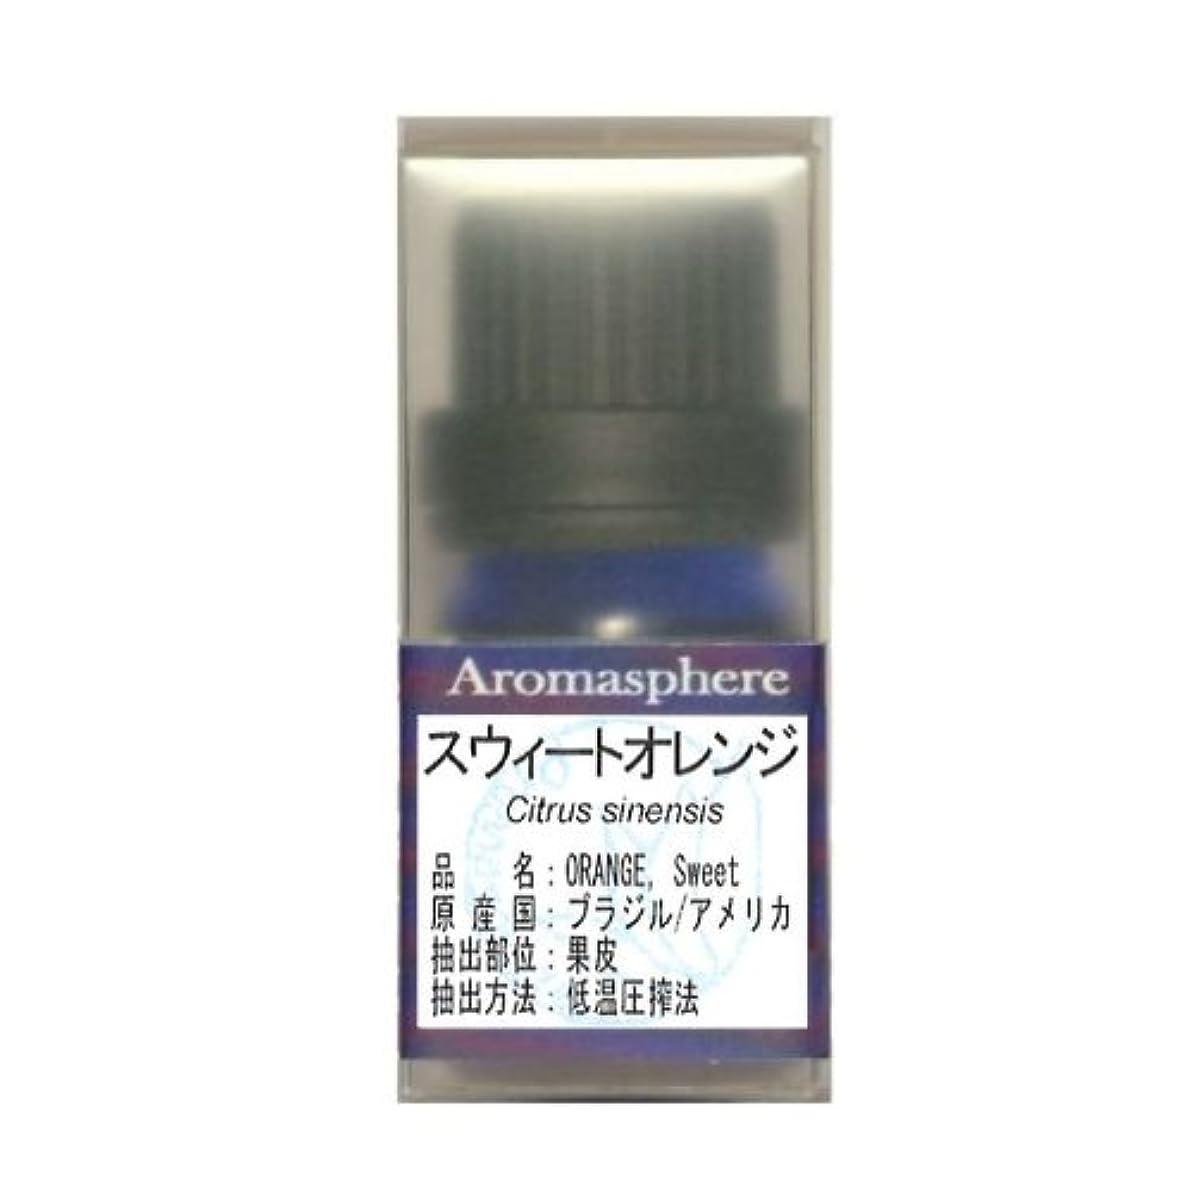 【アロマスフィア】スウィートオレンジ 5ml エッセンシャルオイル(精油)